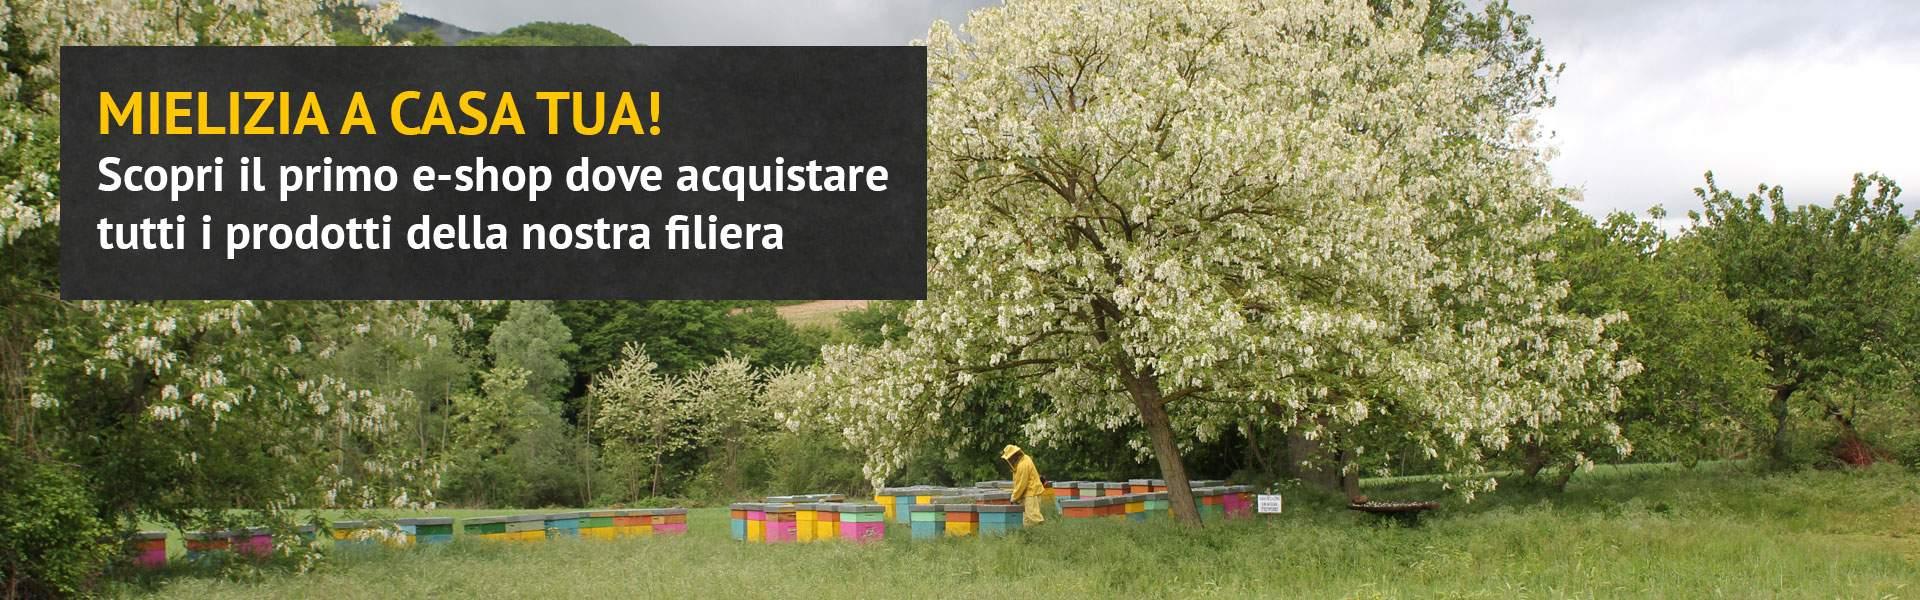 Acquista i prodotti Mielizia online - Mieli, composte di frutta, frollini, polline, pappa reale, integratori naturali biologici